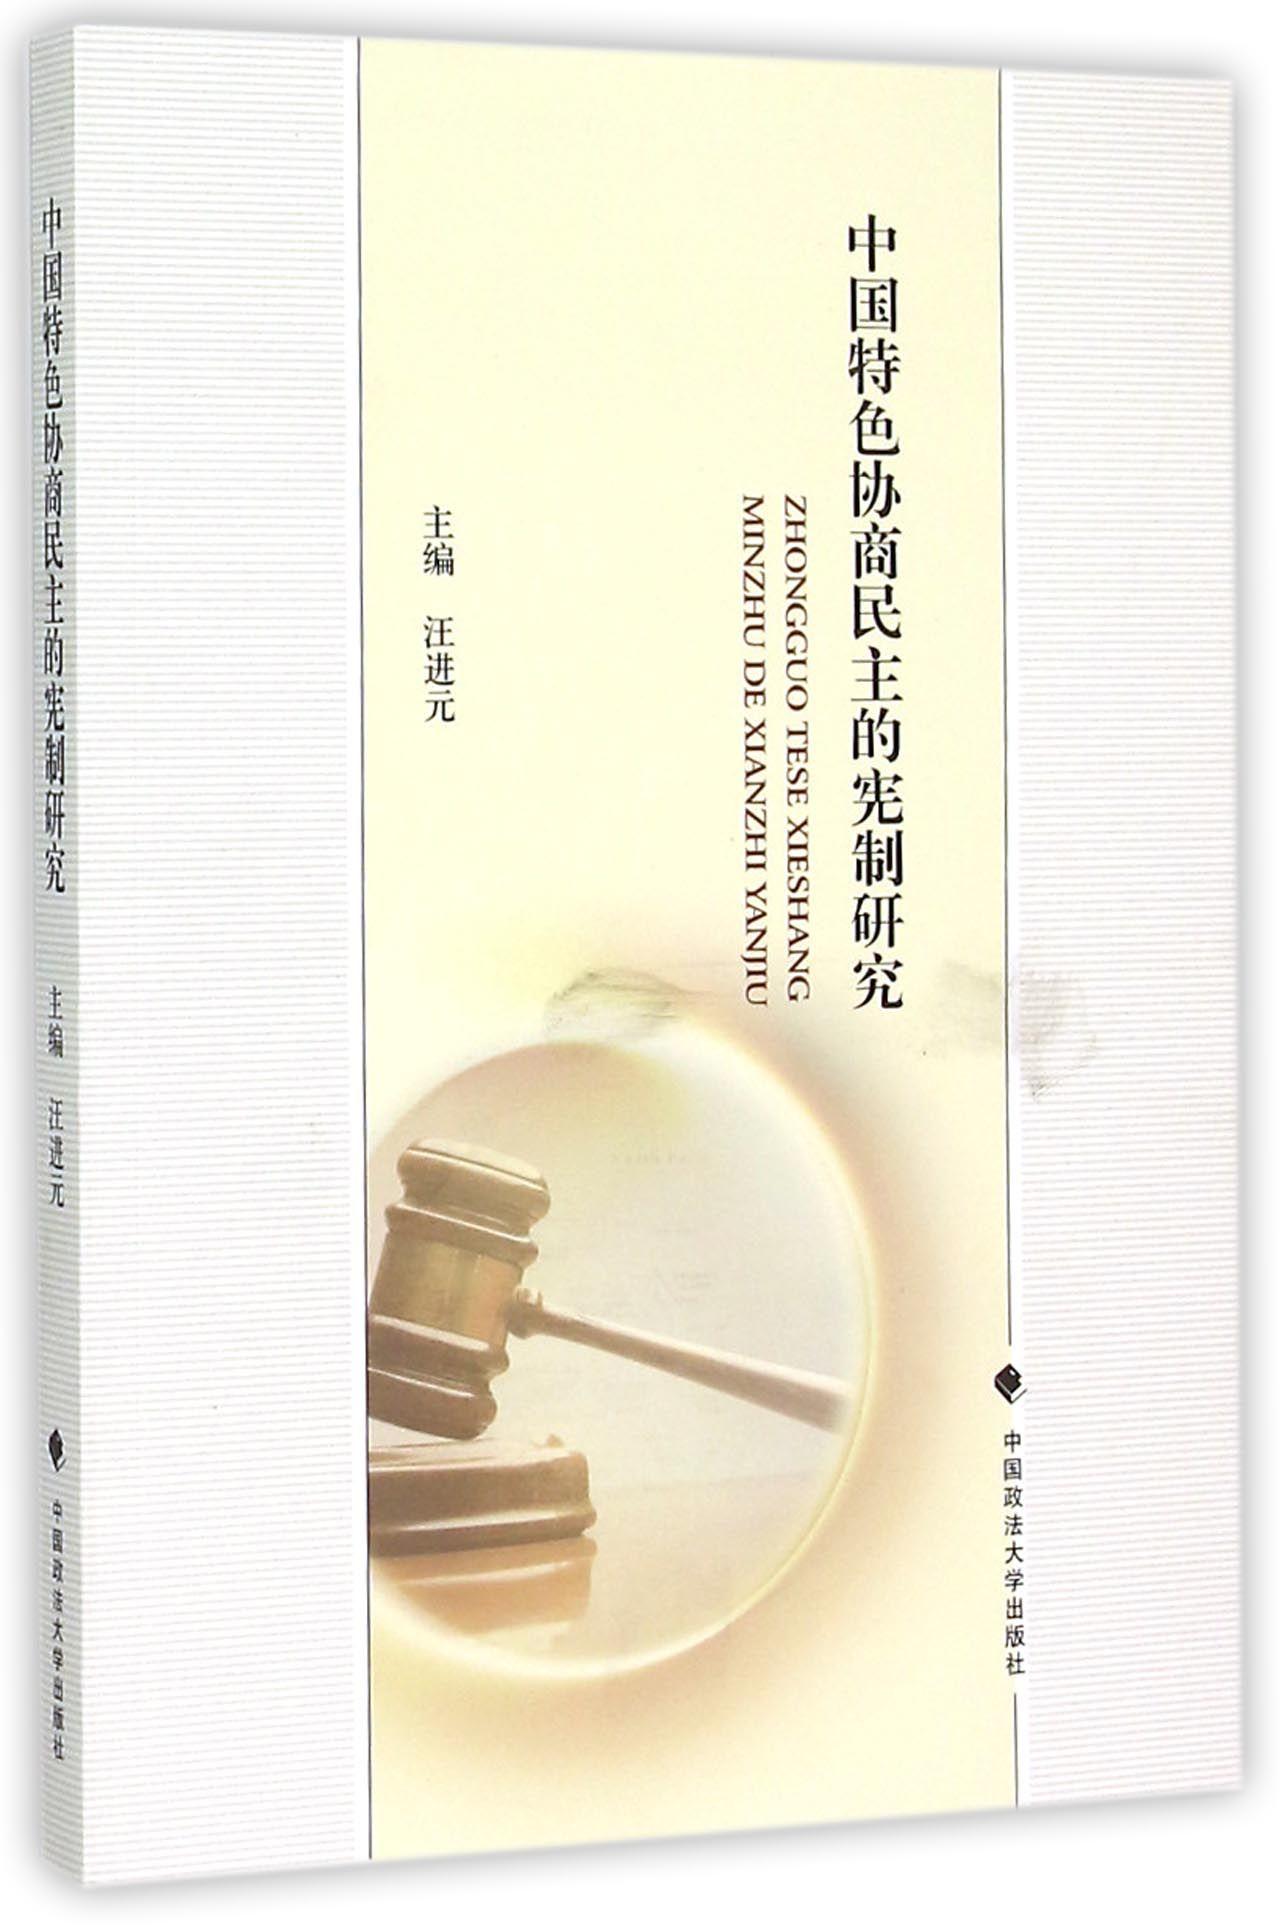 中國特色協商民主的憲